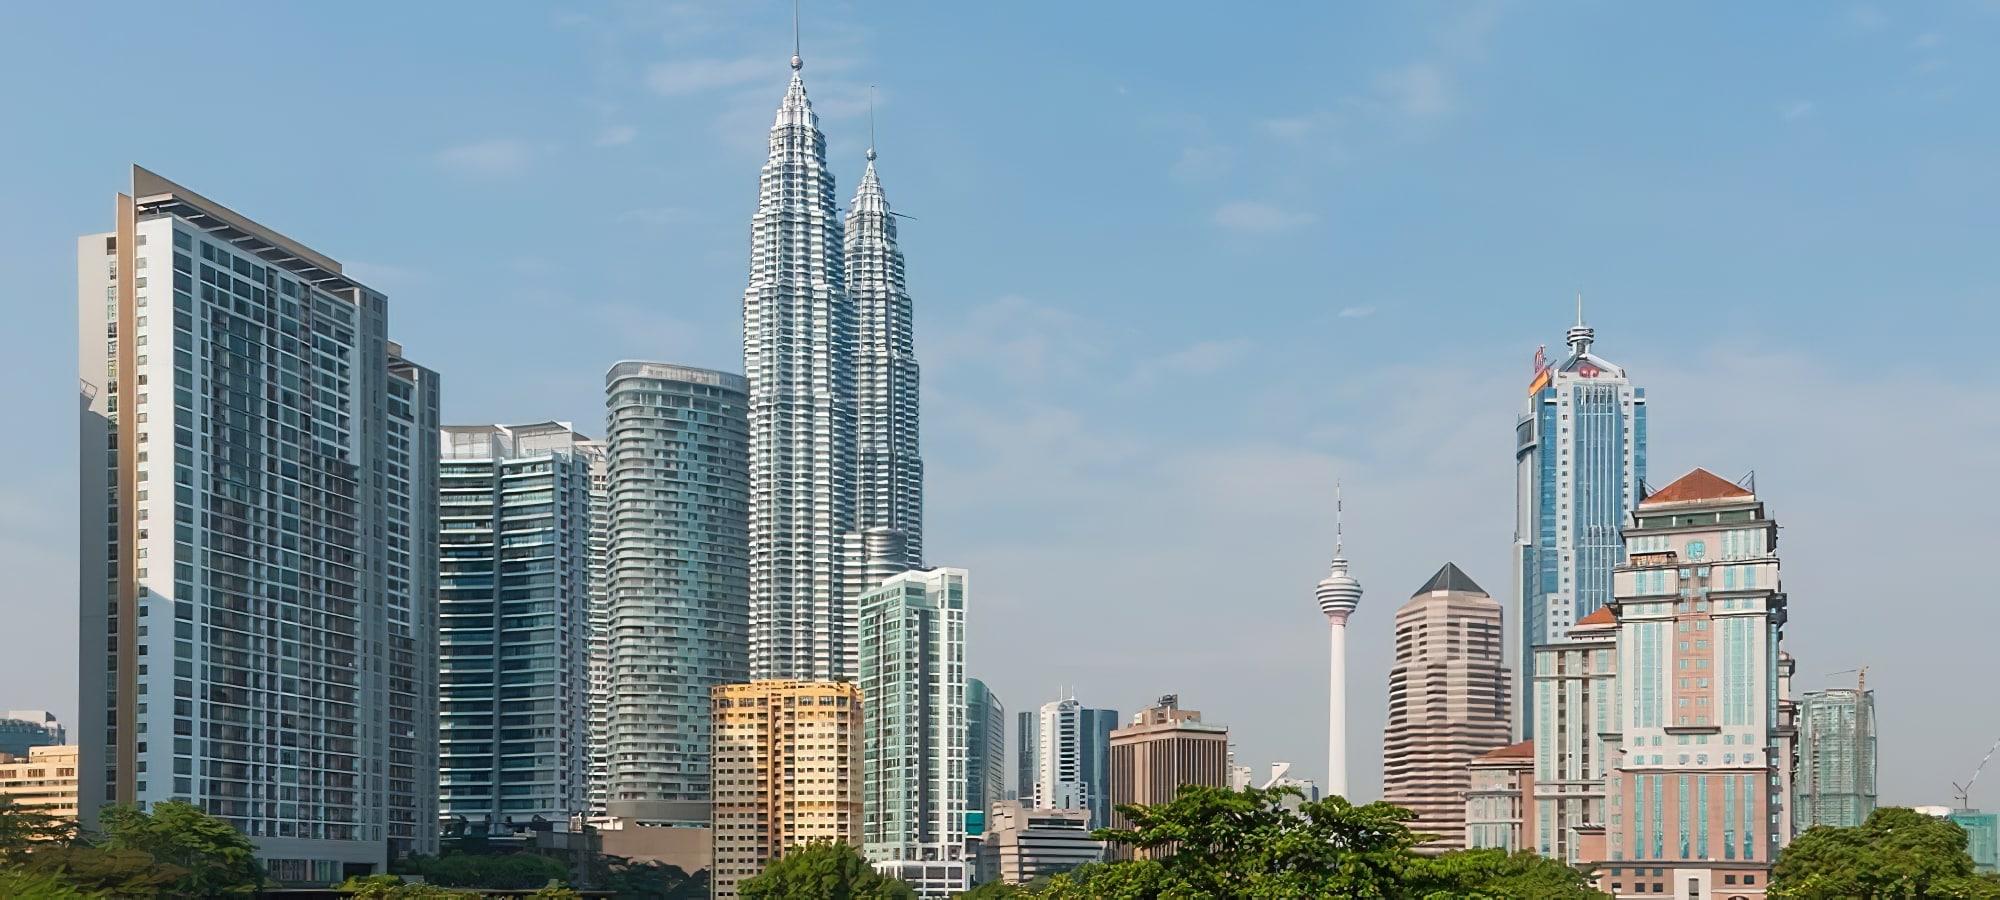 Les 7 nouvelles villes-merveilles du monde élues en 2014